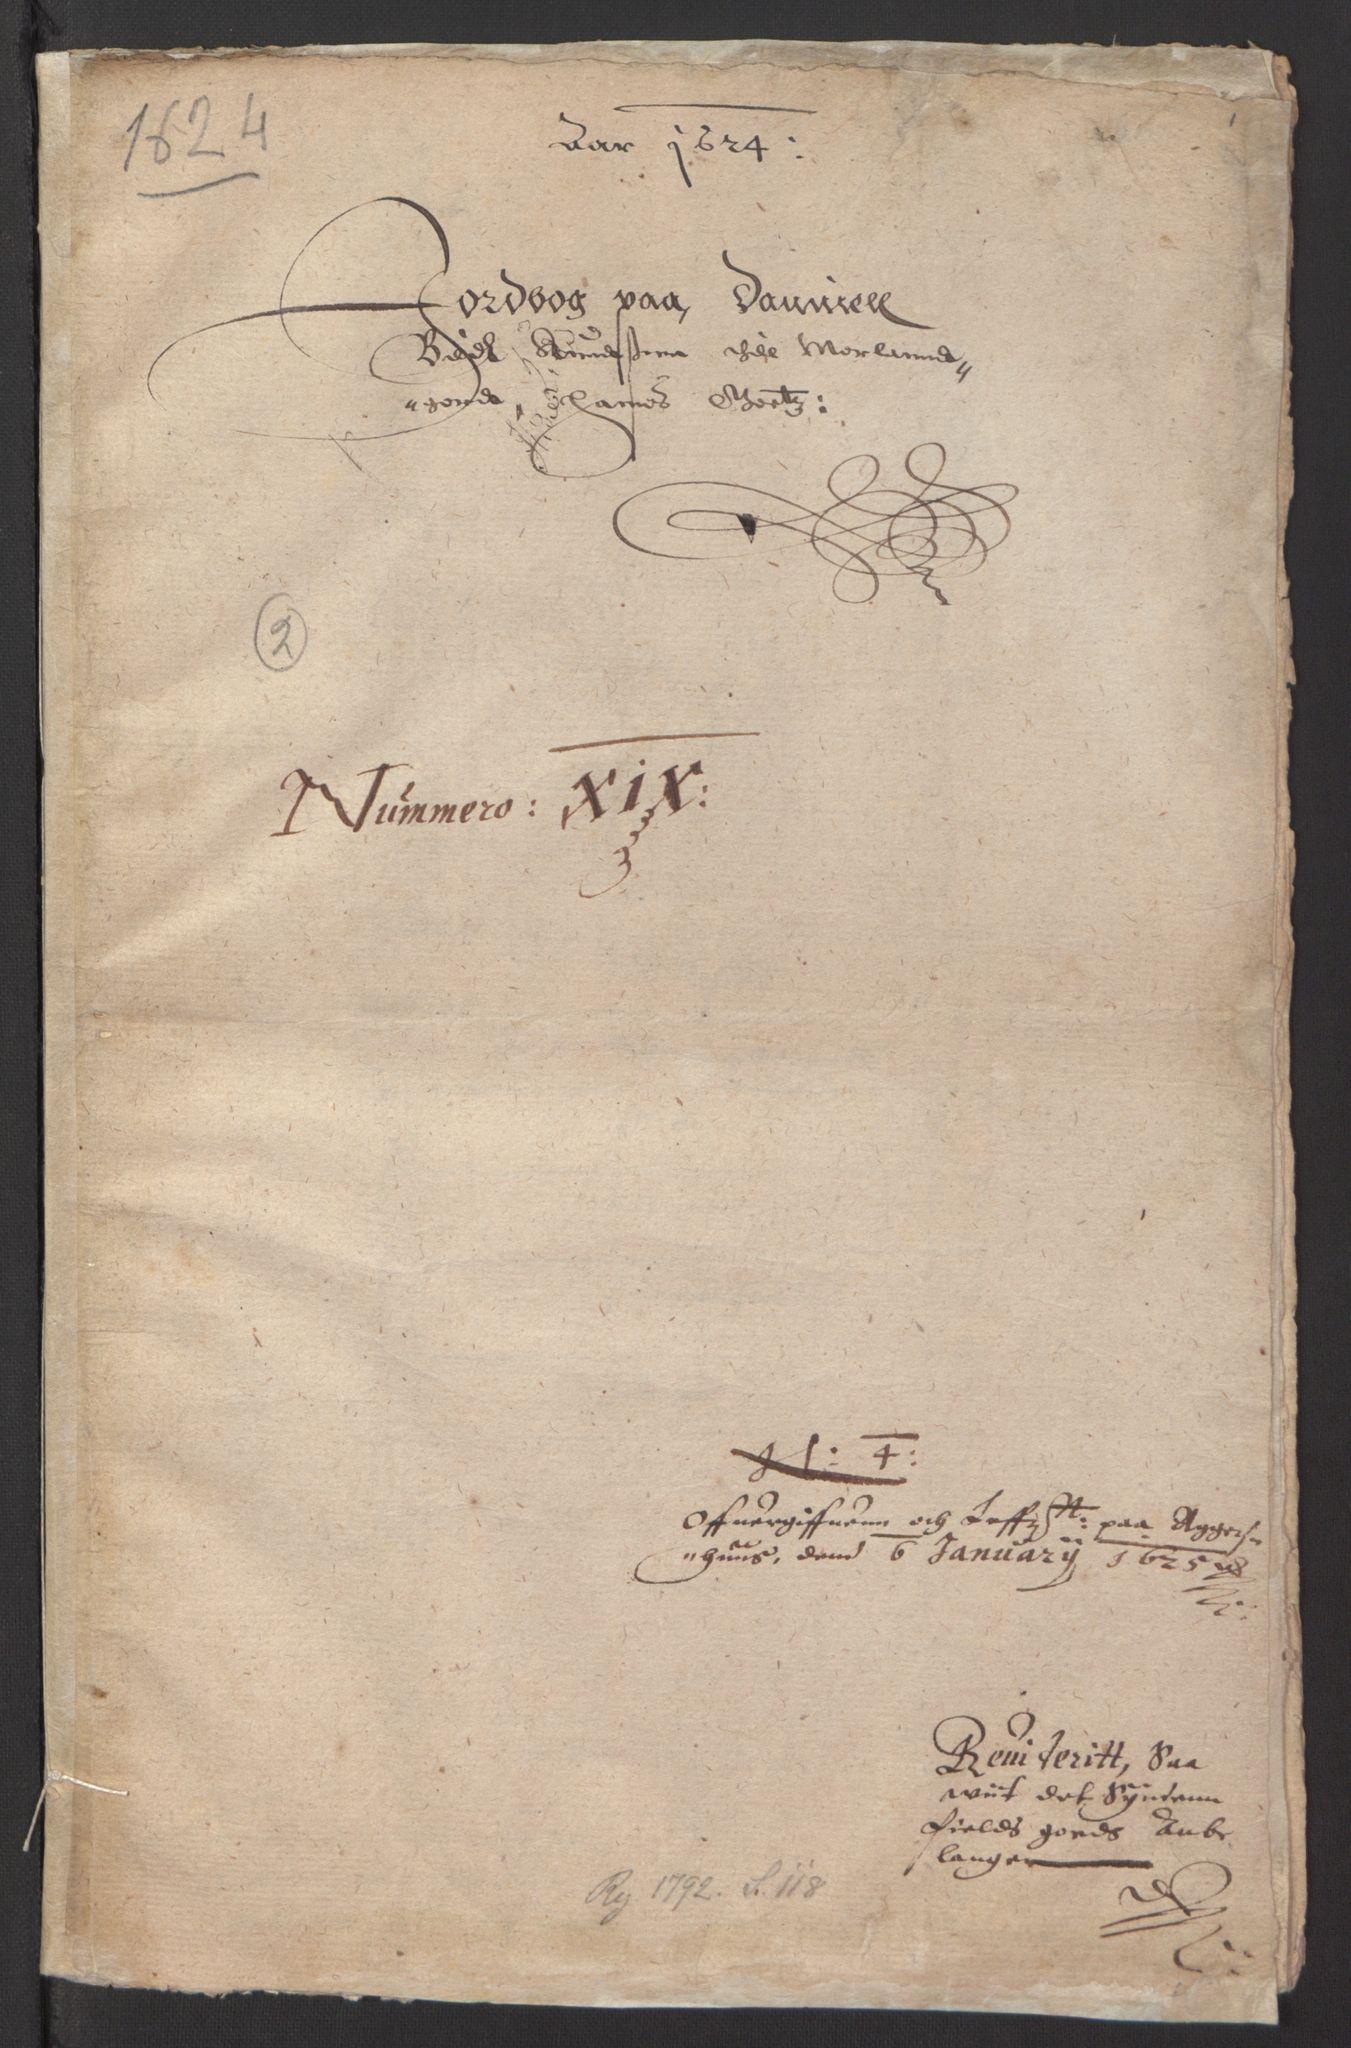 RA, Stattholderembetet 1572-1771, Ek/L0007: Jordebøker til utlikning av rosstjeneste 1624-1626:, 1624-1625, s. 454